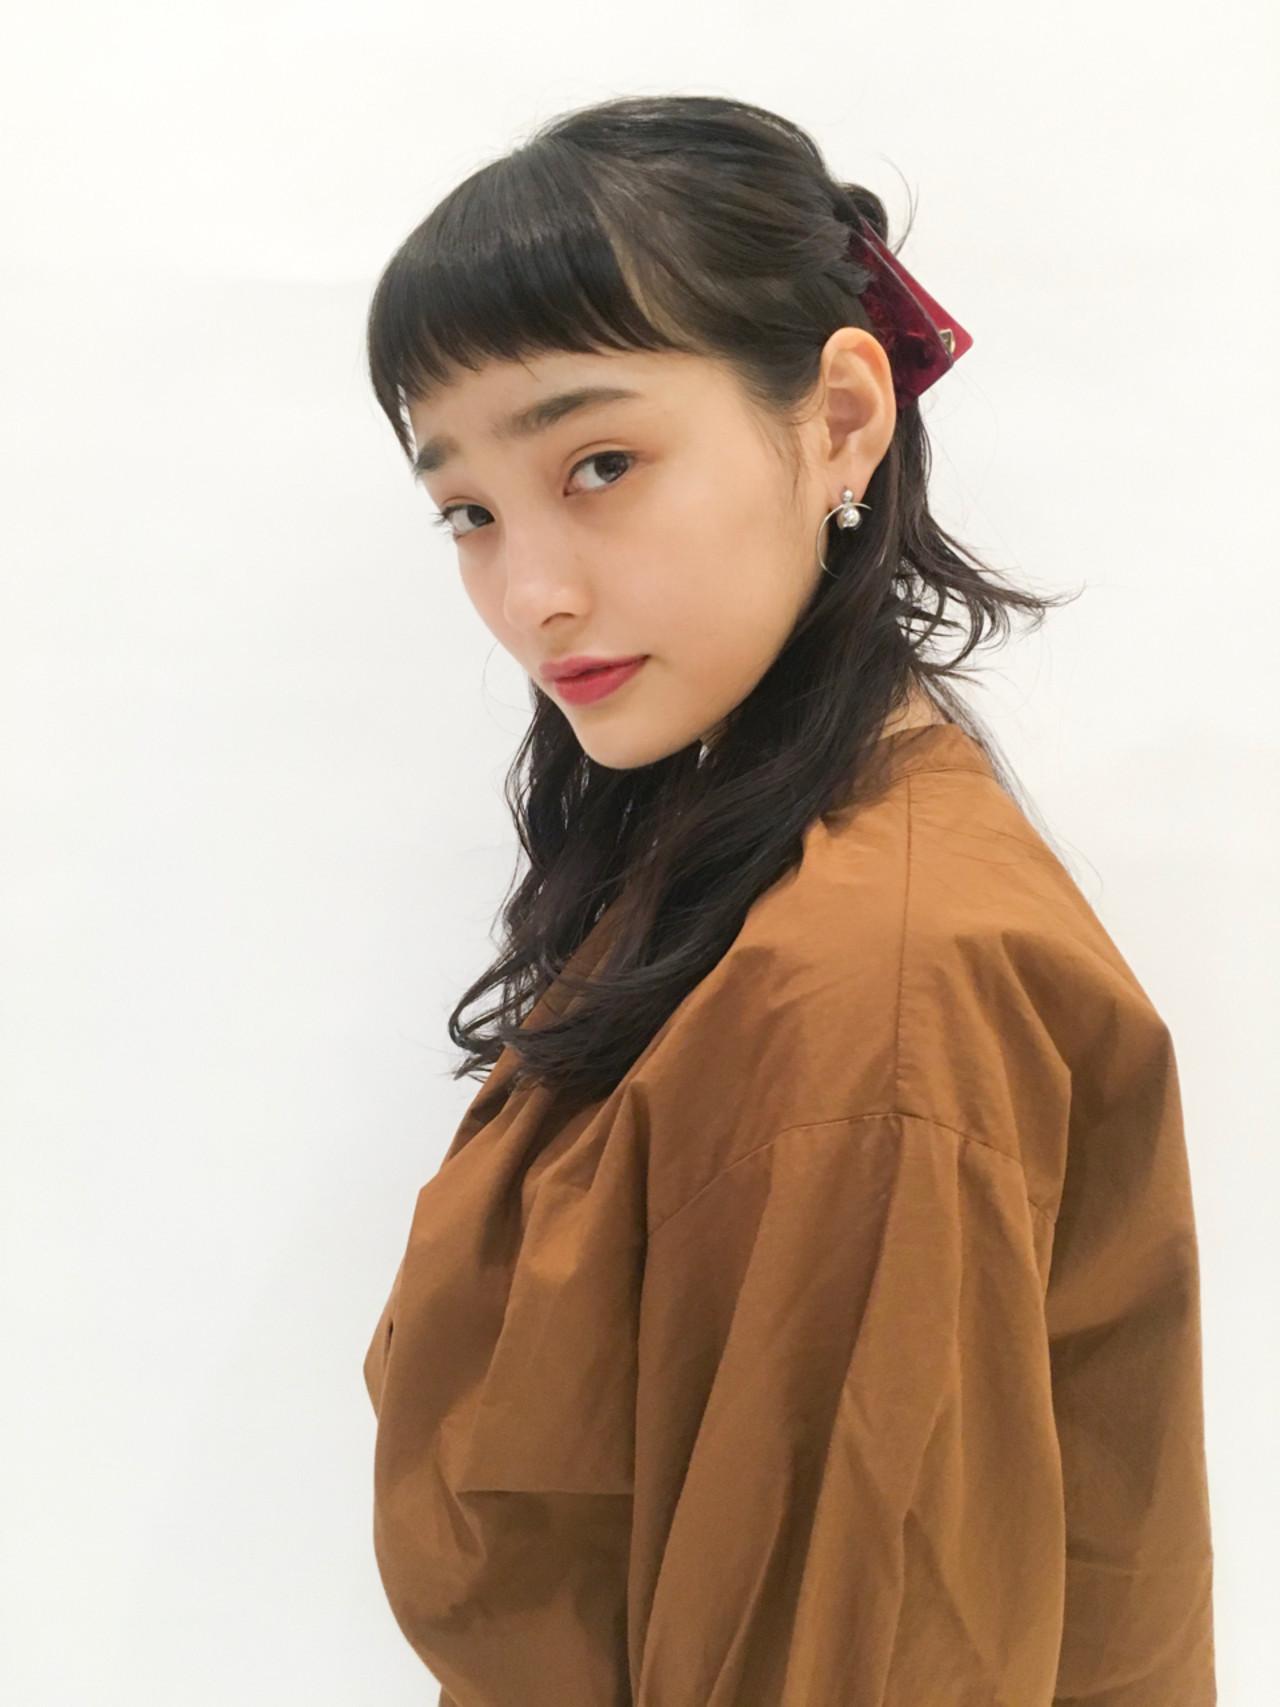 ハーフアップで簡単ヘアアレンジ♪ 表参道NORA hair salon YUKA | NORA hair salon